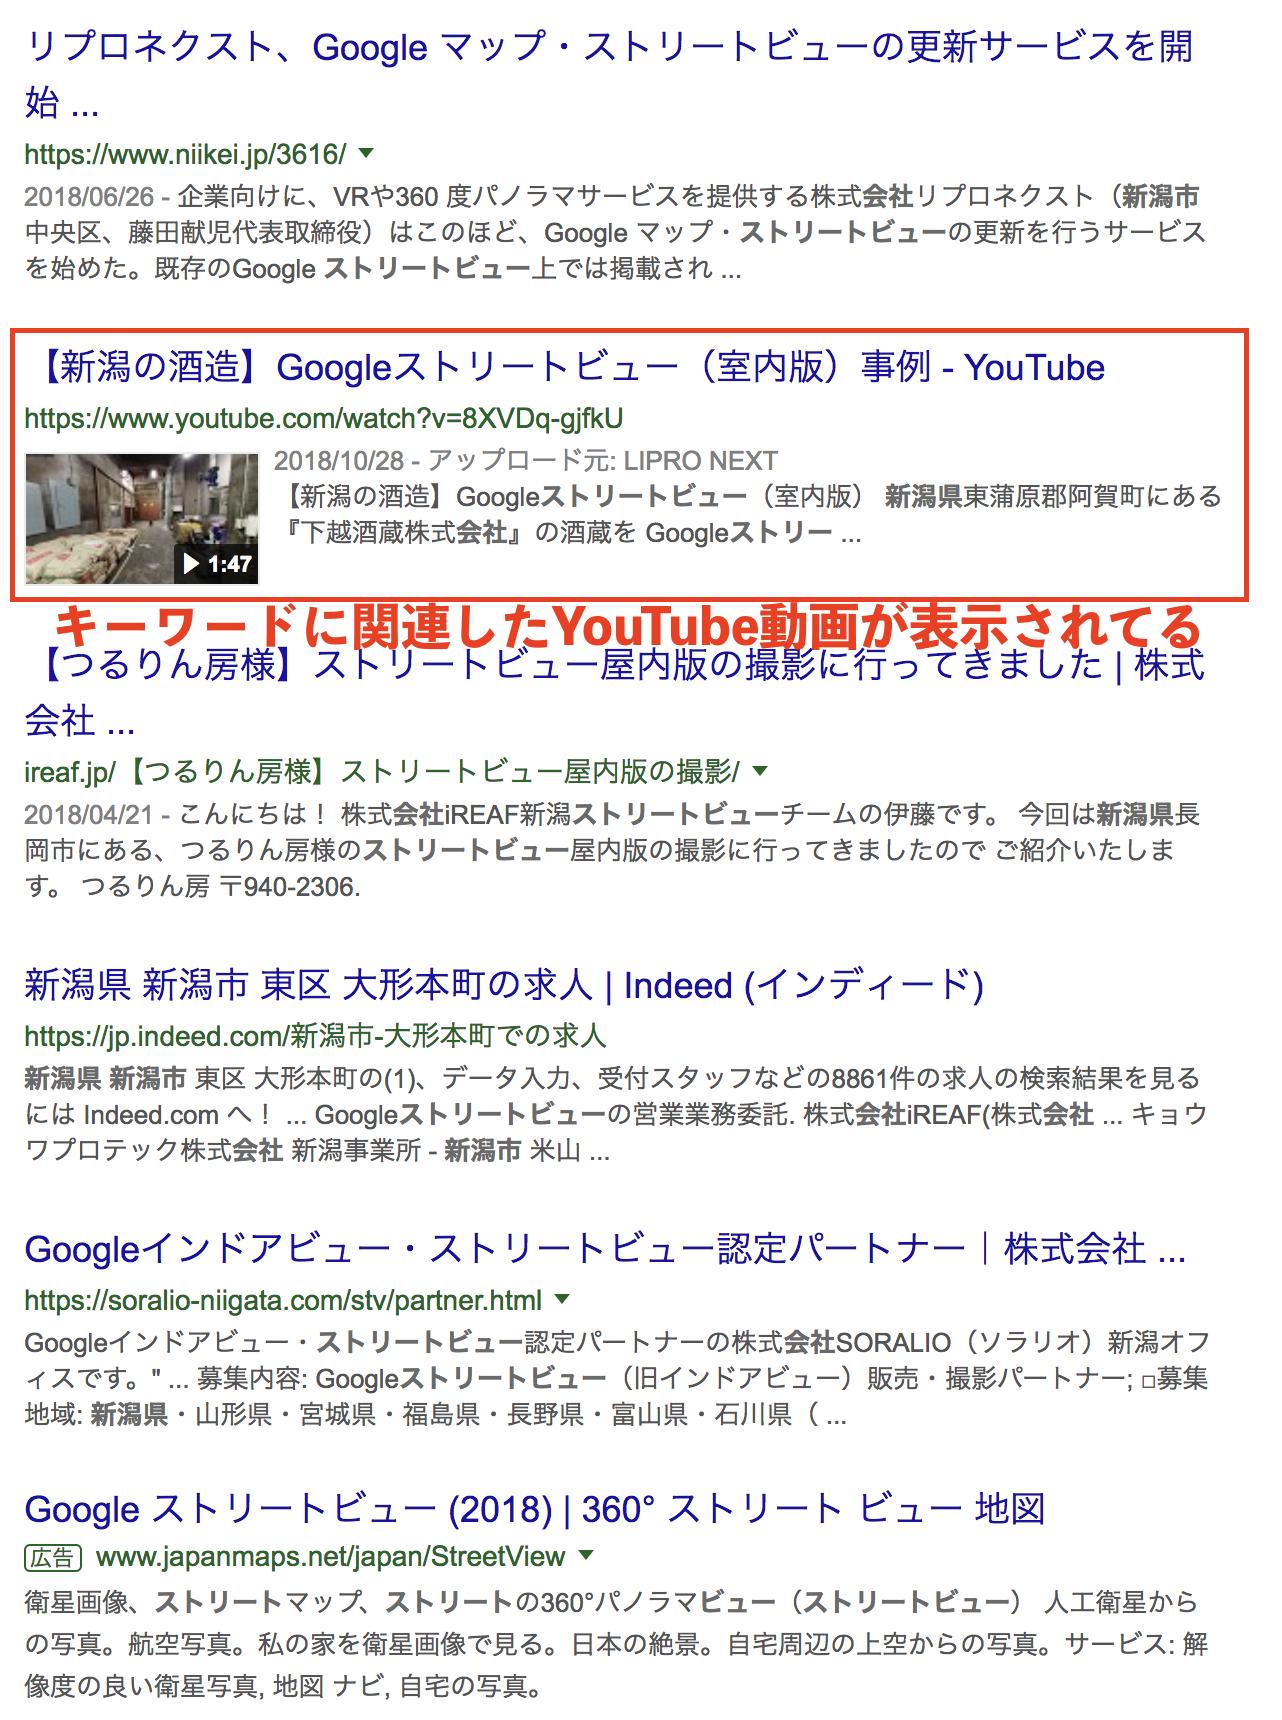 検索結果にYouTubeが表示